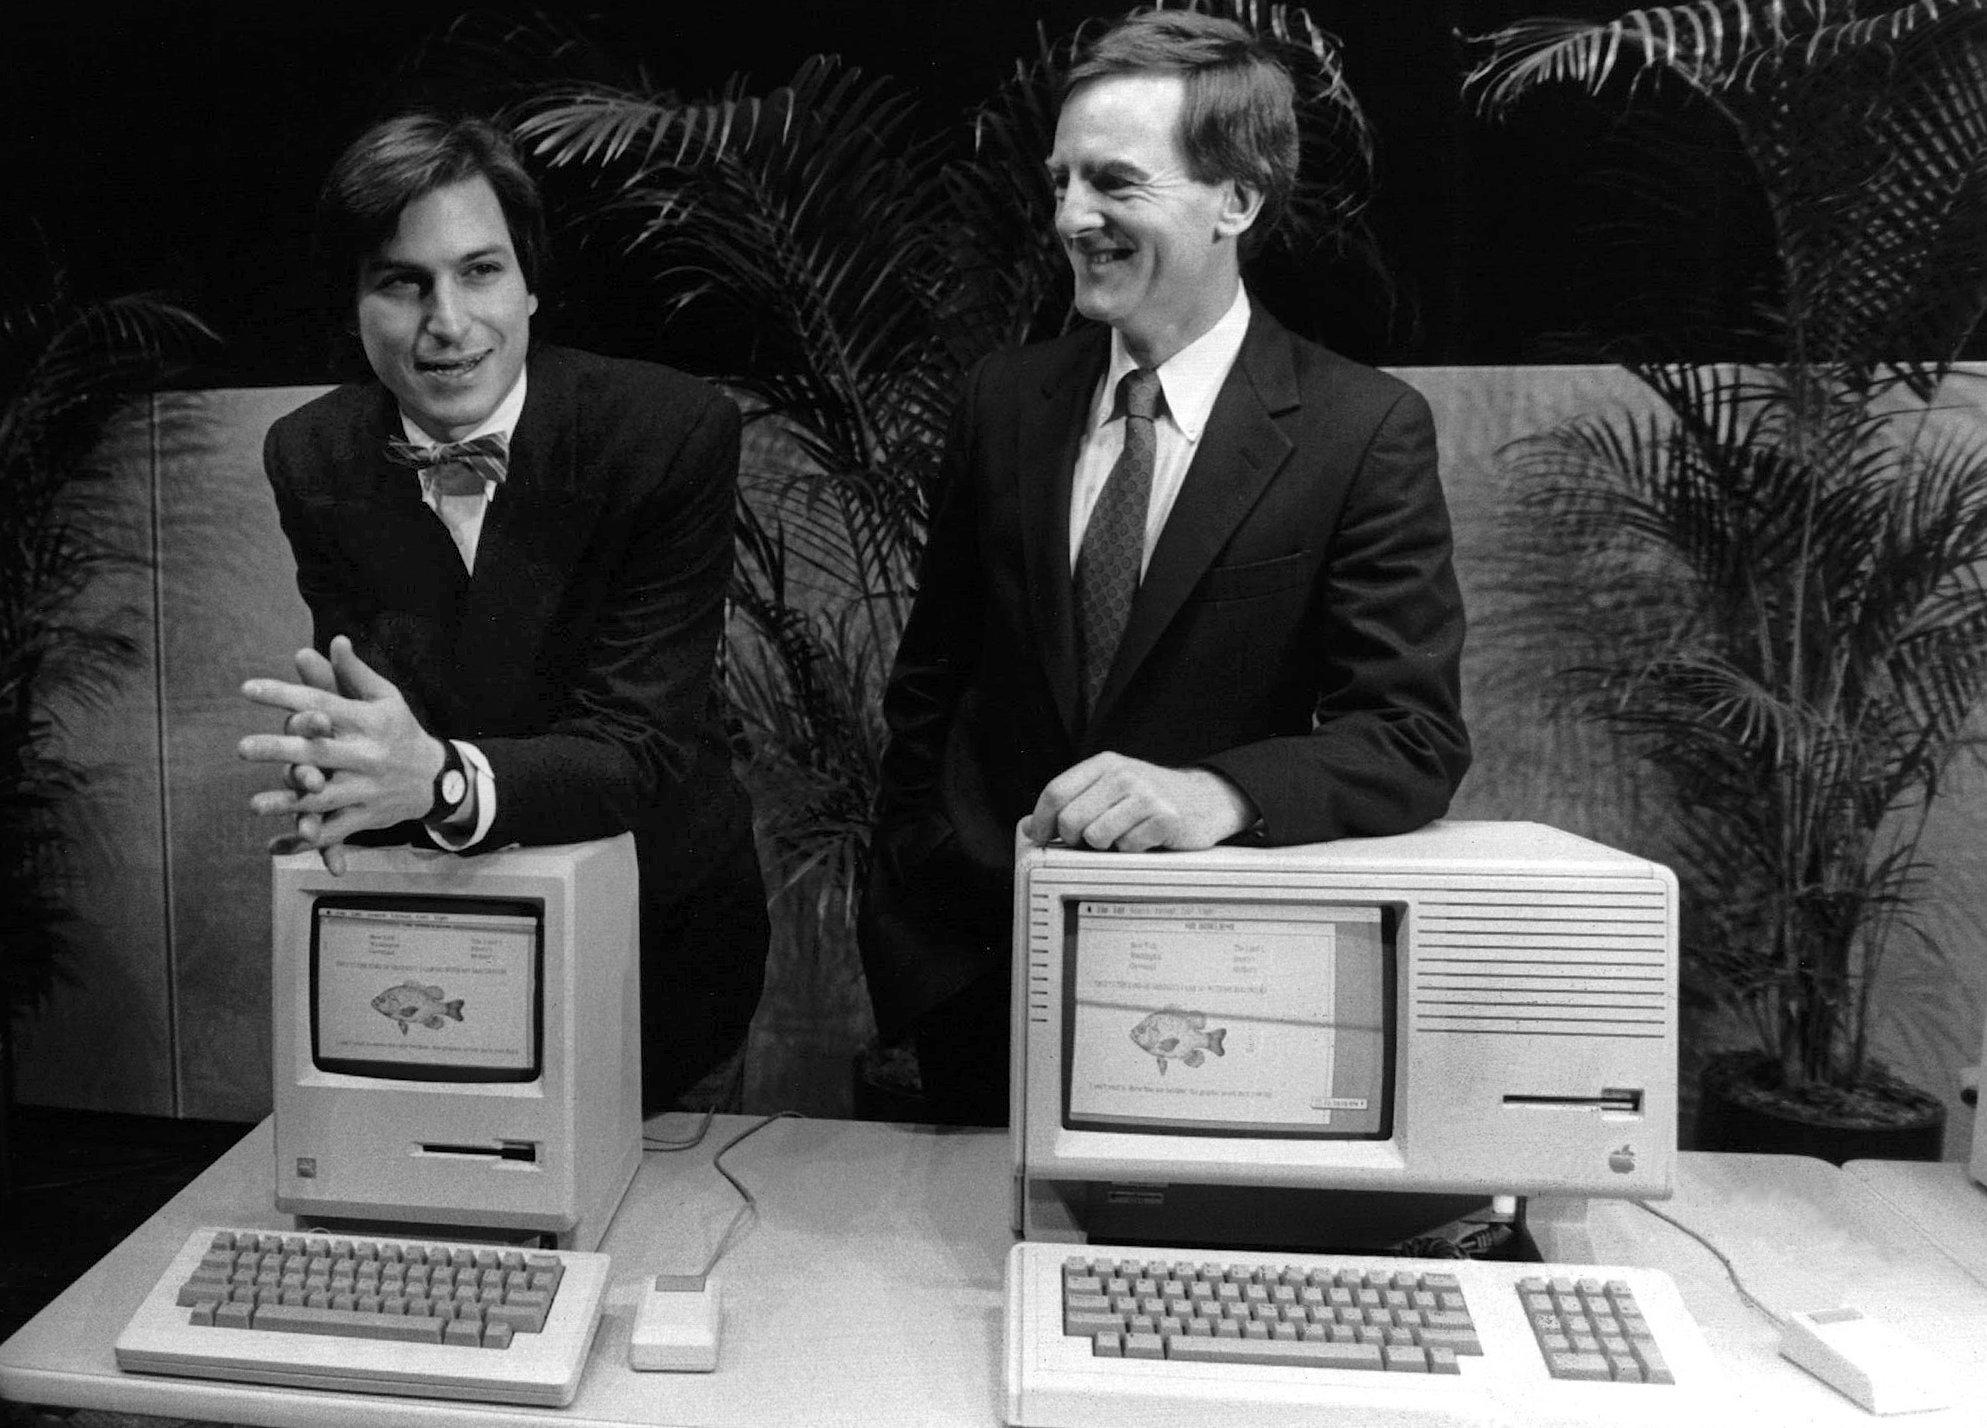 Apple-Mitbegründer Steve Jobs (l.) und der damalige Apple-Präsident John Sculley stellen am 24. Januar 1984 vor einer Aktionärsversammlung denersten Macintosh-Computer vor.